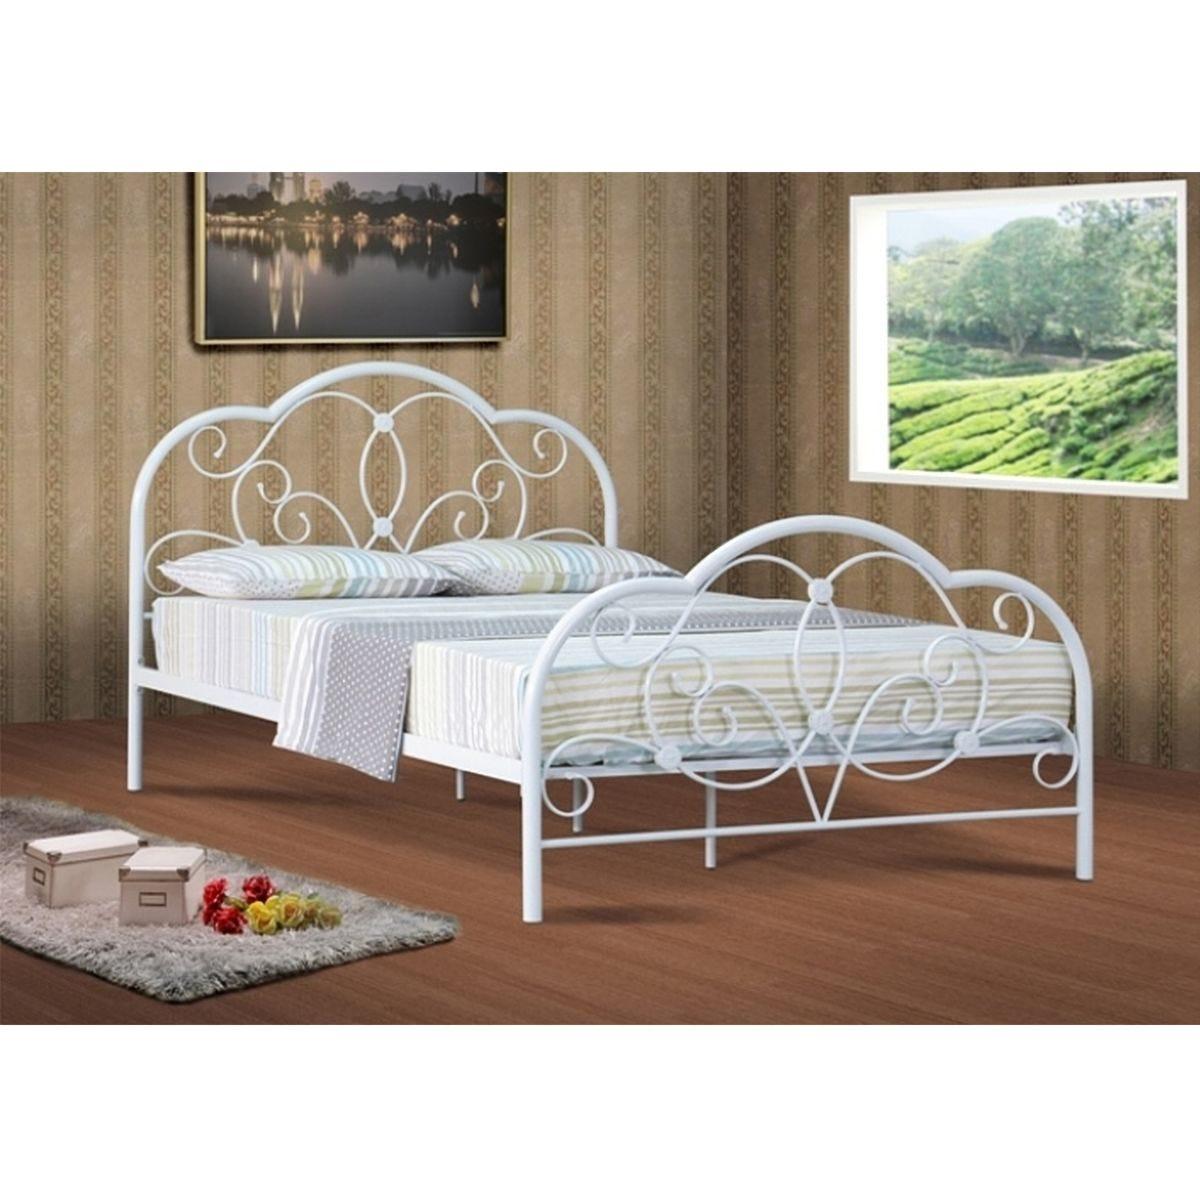 Aurora King Bed Frame - White